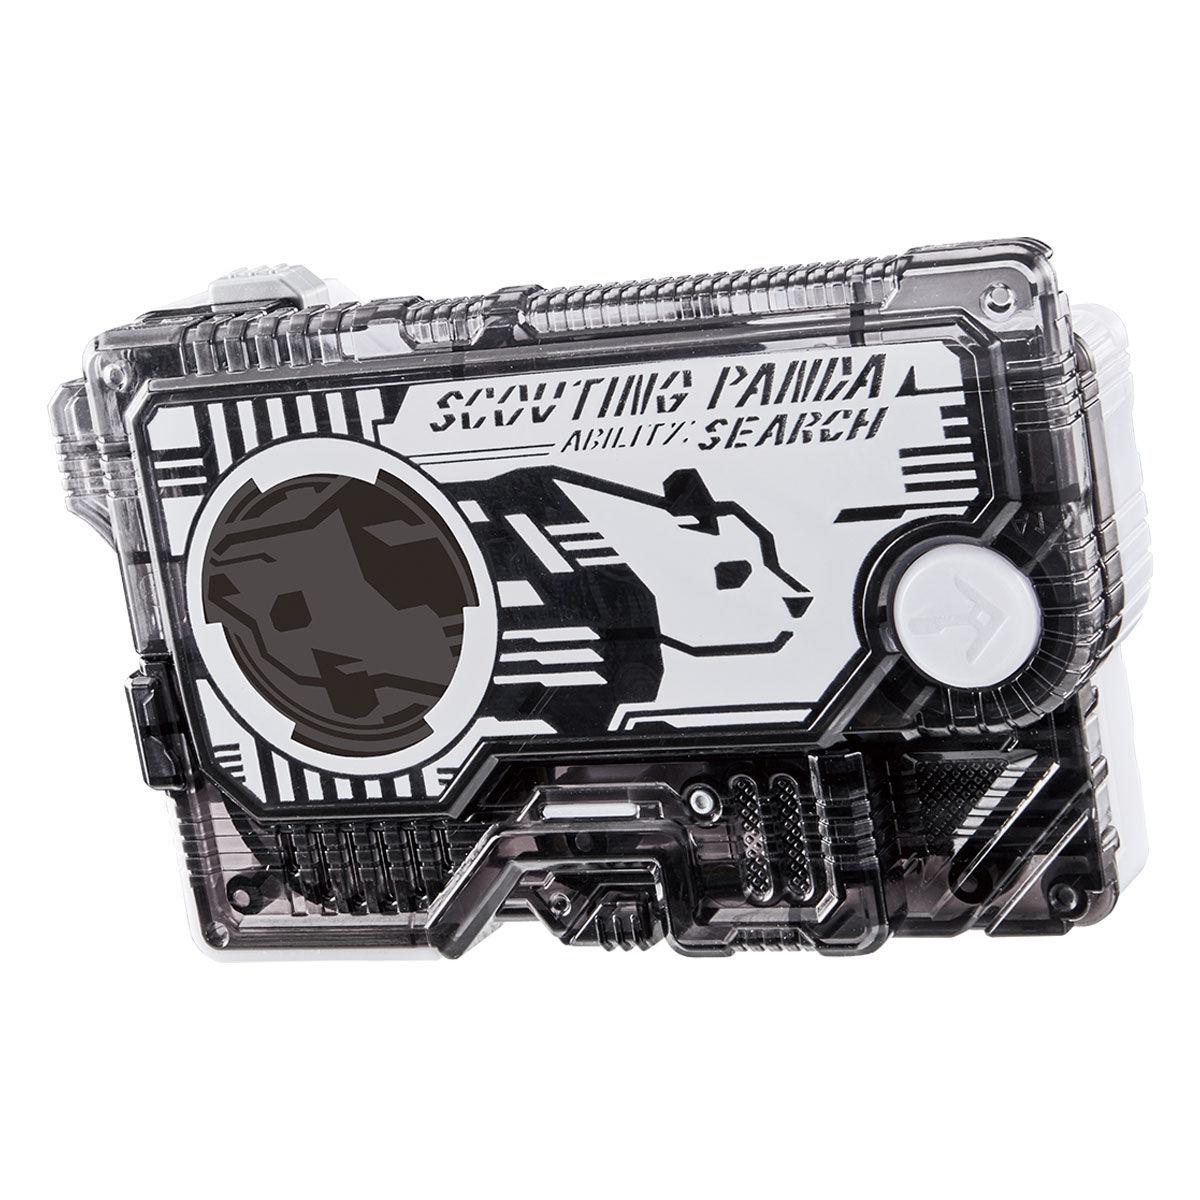 【限定販売】仮面ライダーゼロワン『 DXスカウティングパンダプログライズキー』変身なりきり-002